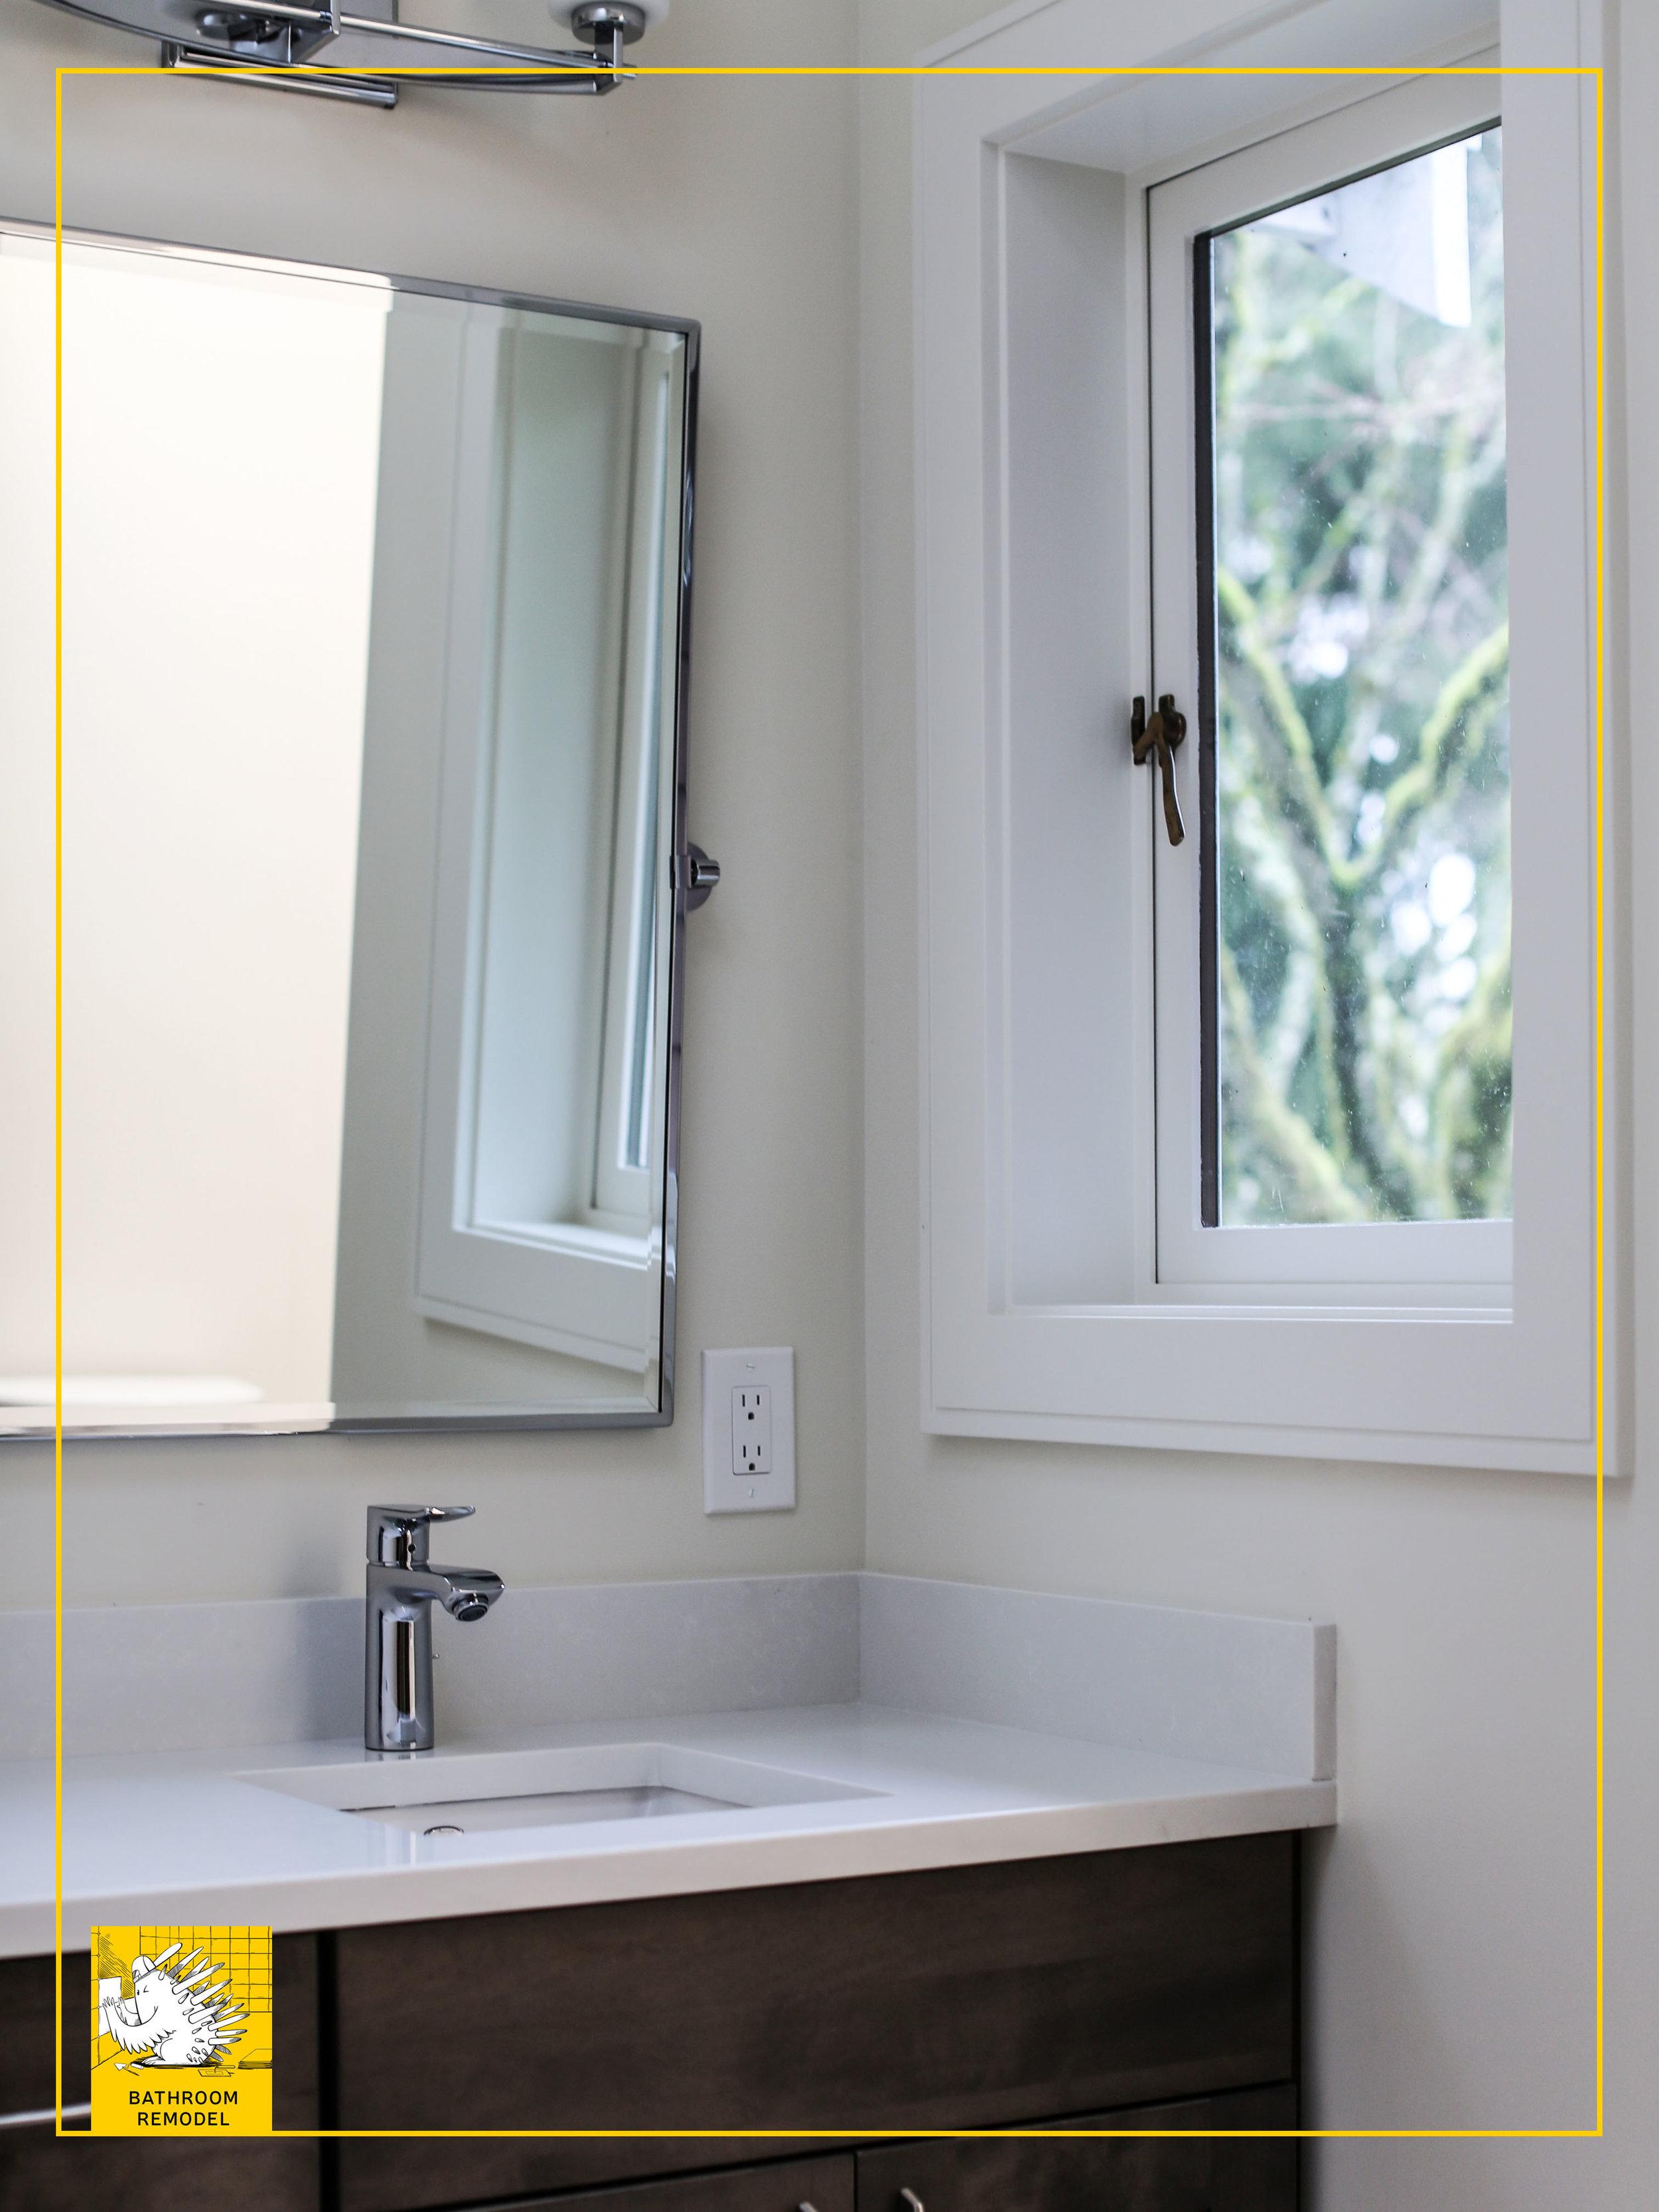 MT 2 bathroom remodel 09.jpg